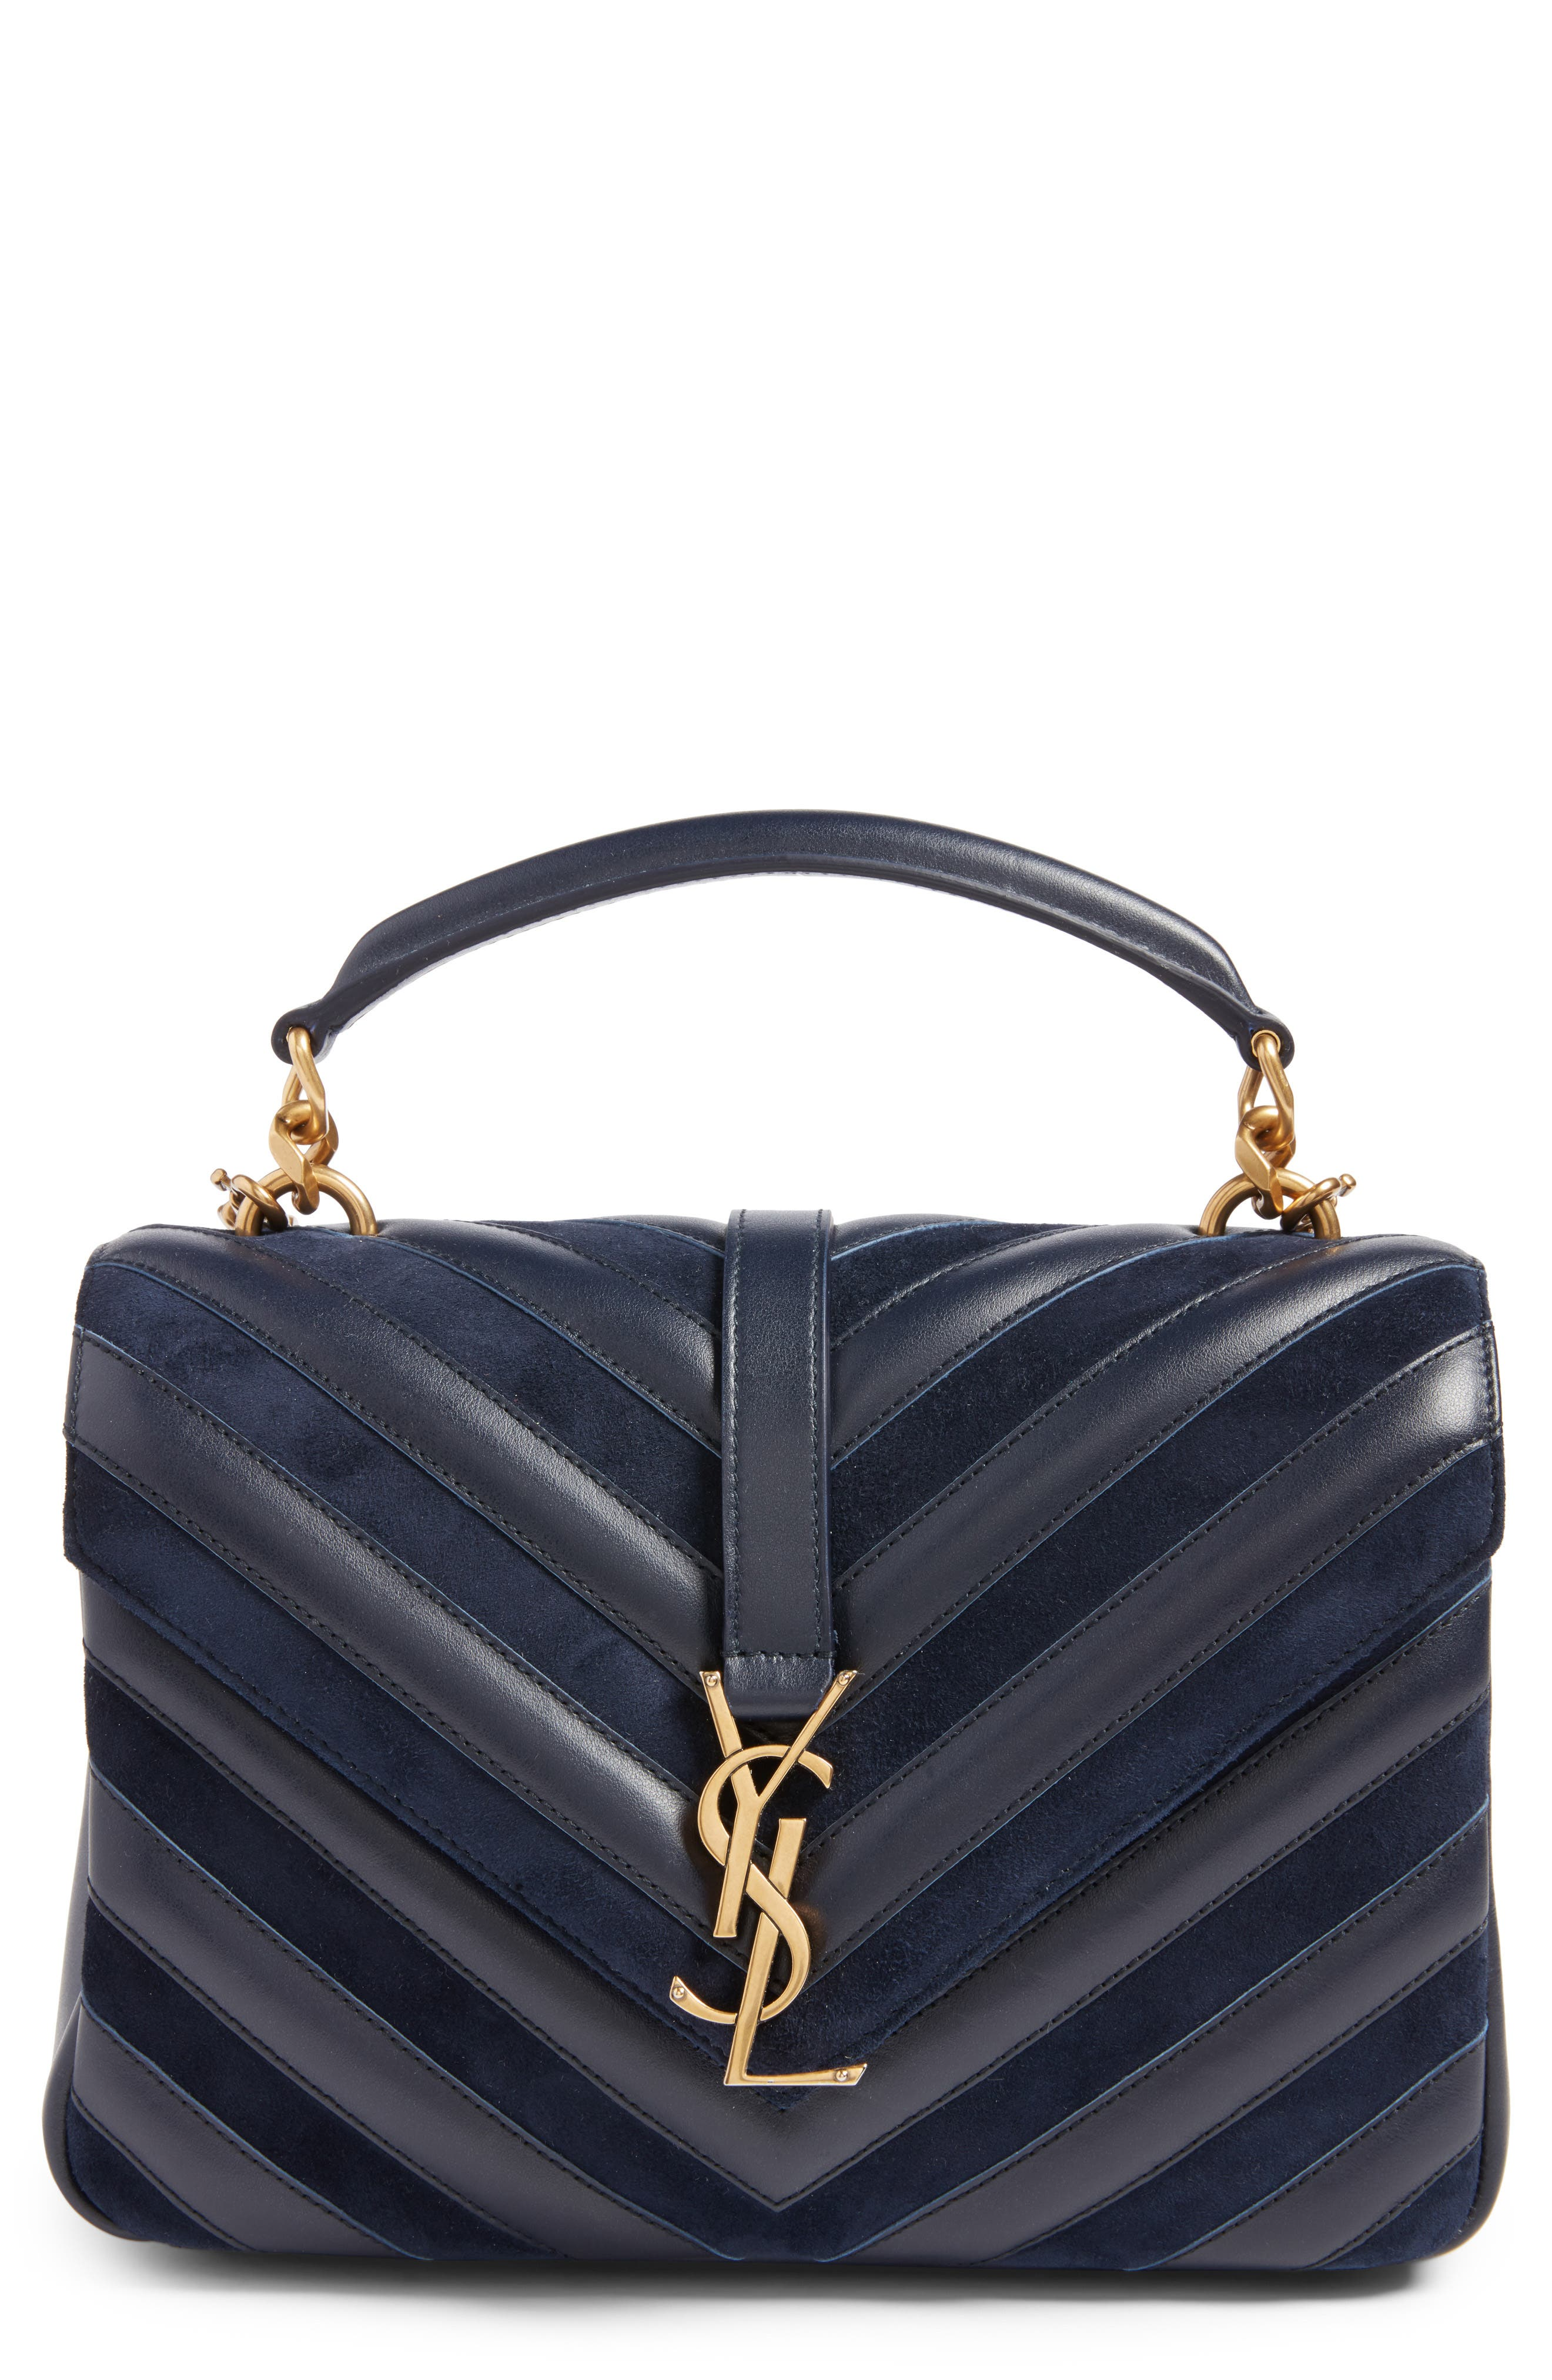 Medium College Patchwork Suede & Leather Shoulder Bag,                         Main,                         color, Deep Marine